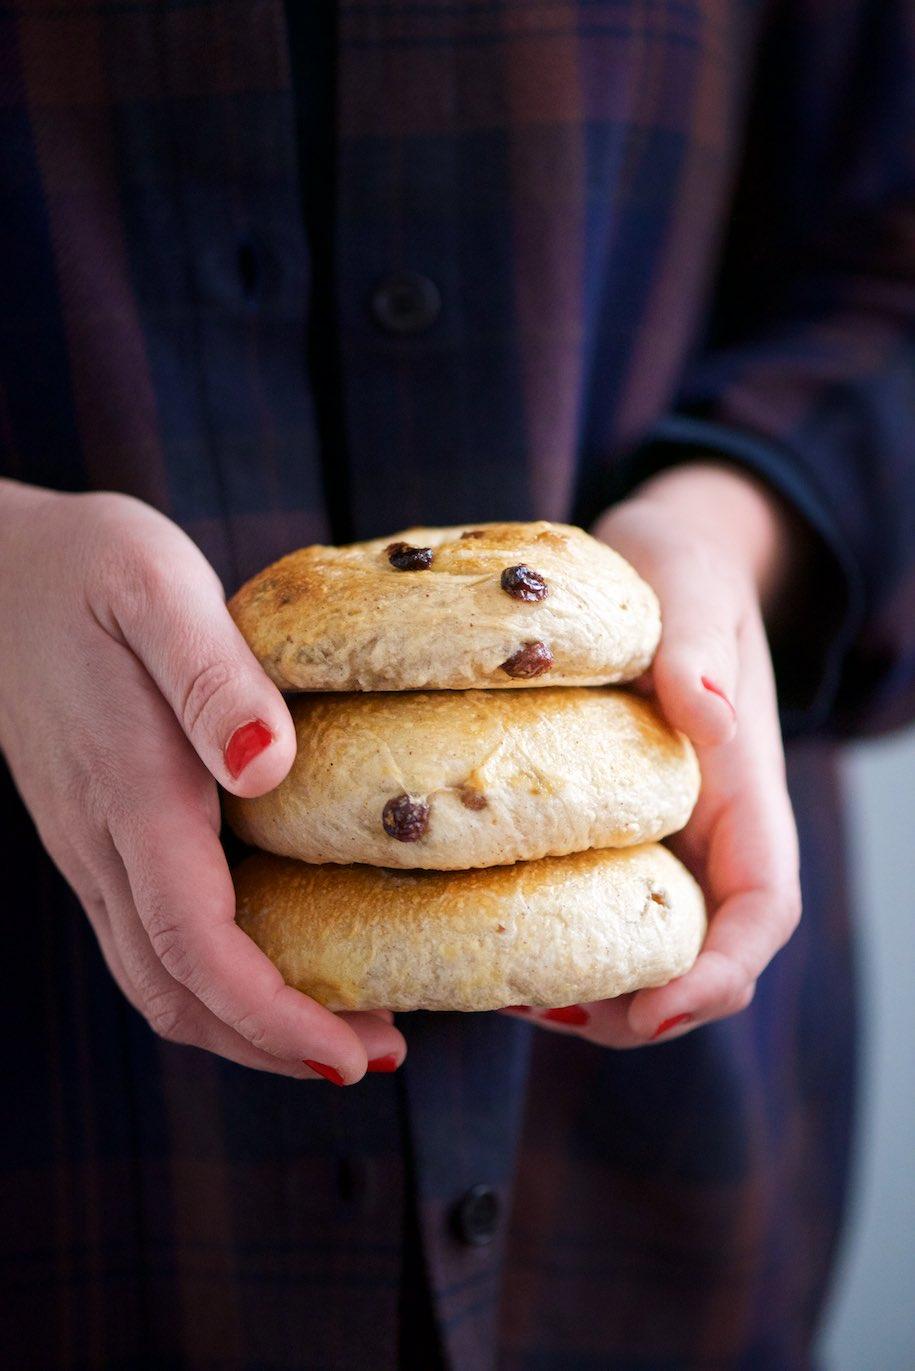 due mani che tengono tre bagels alla cannella e uvetta